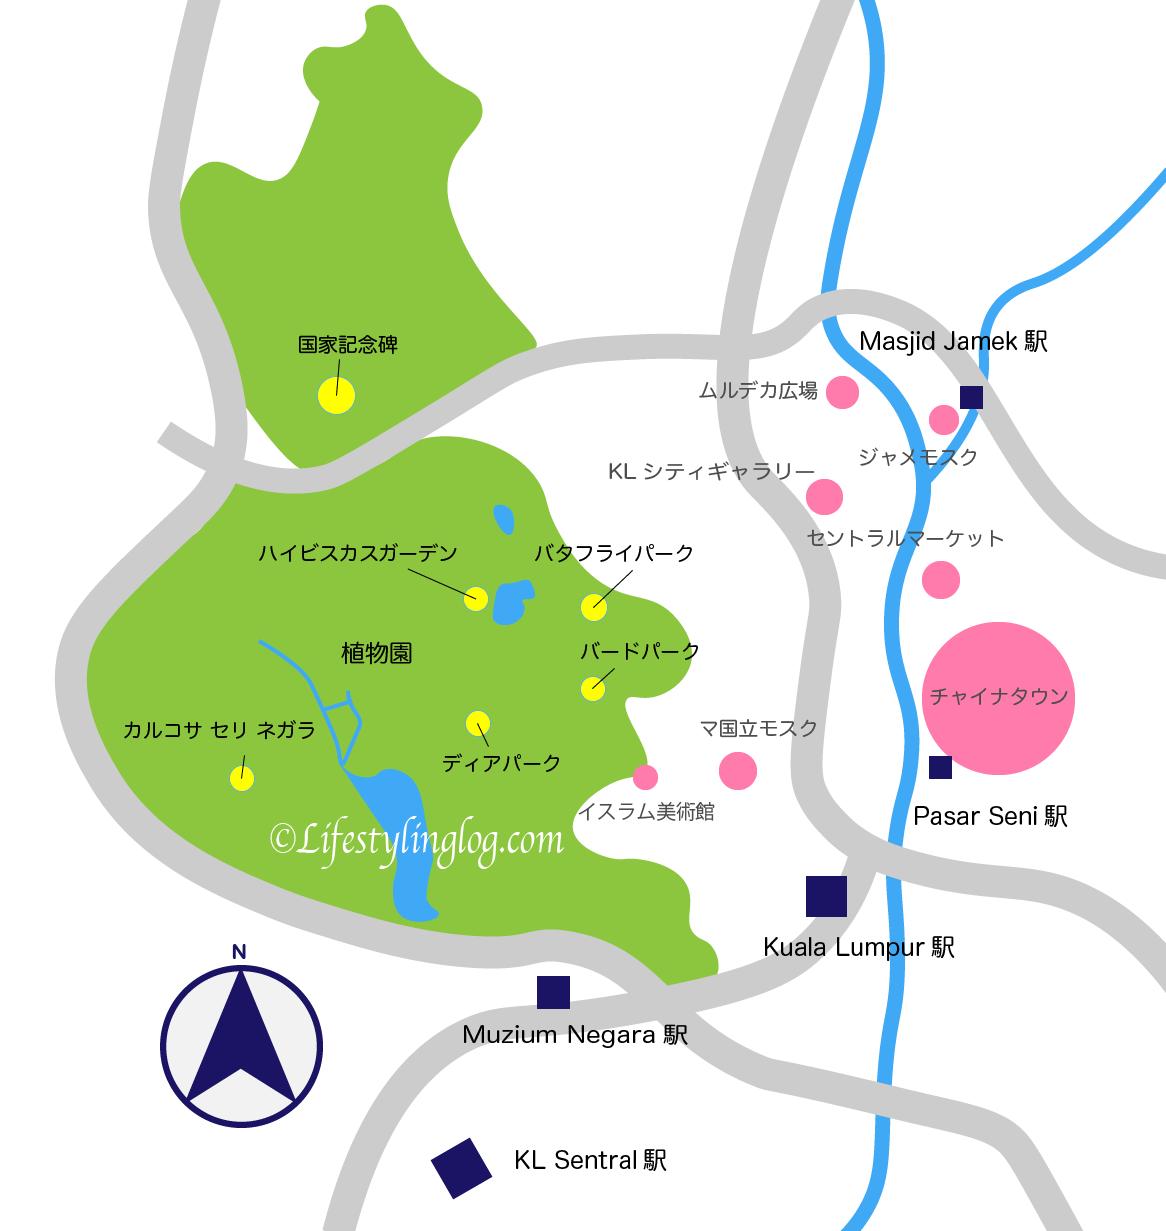 クアラルンプール植物園のイメージマップ